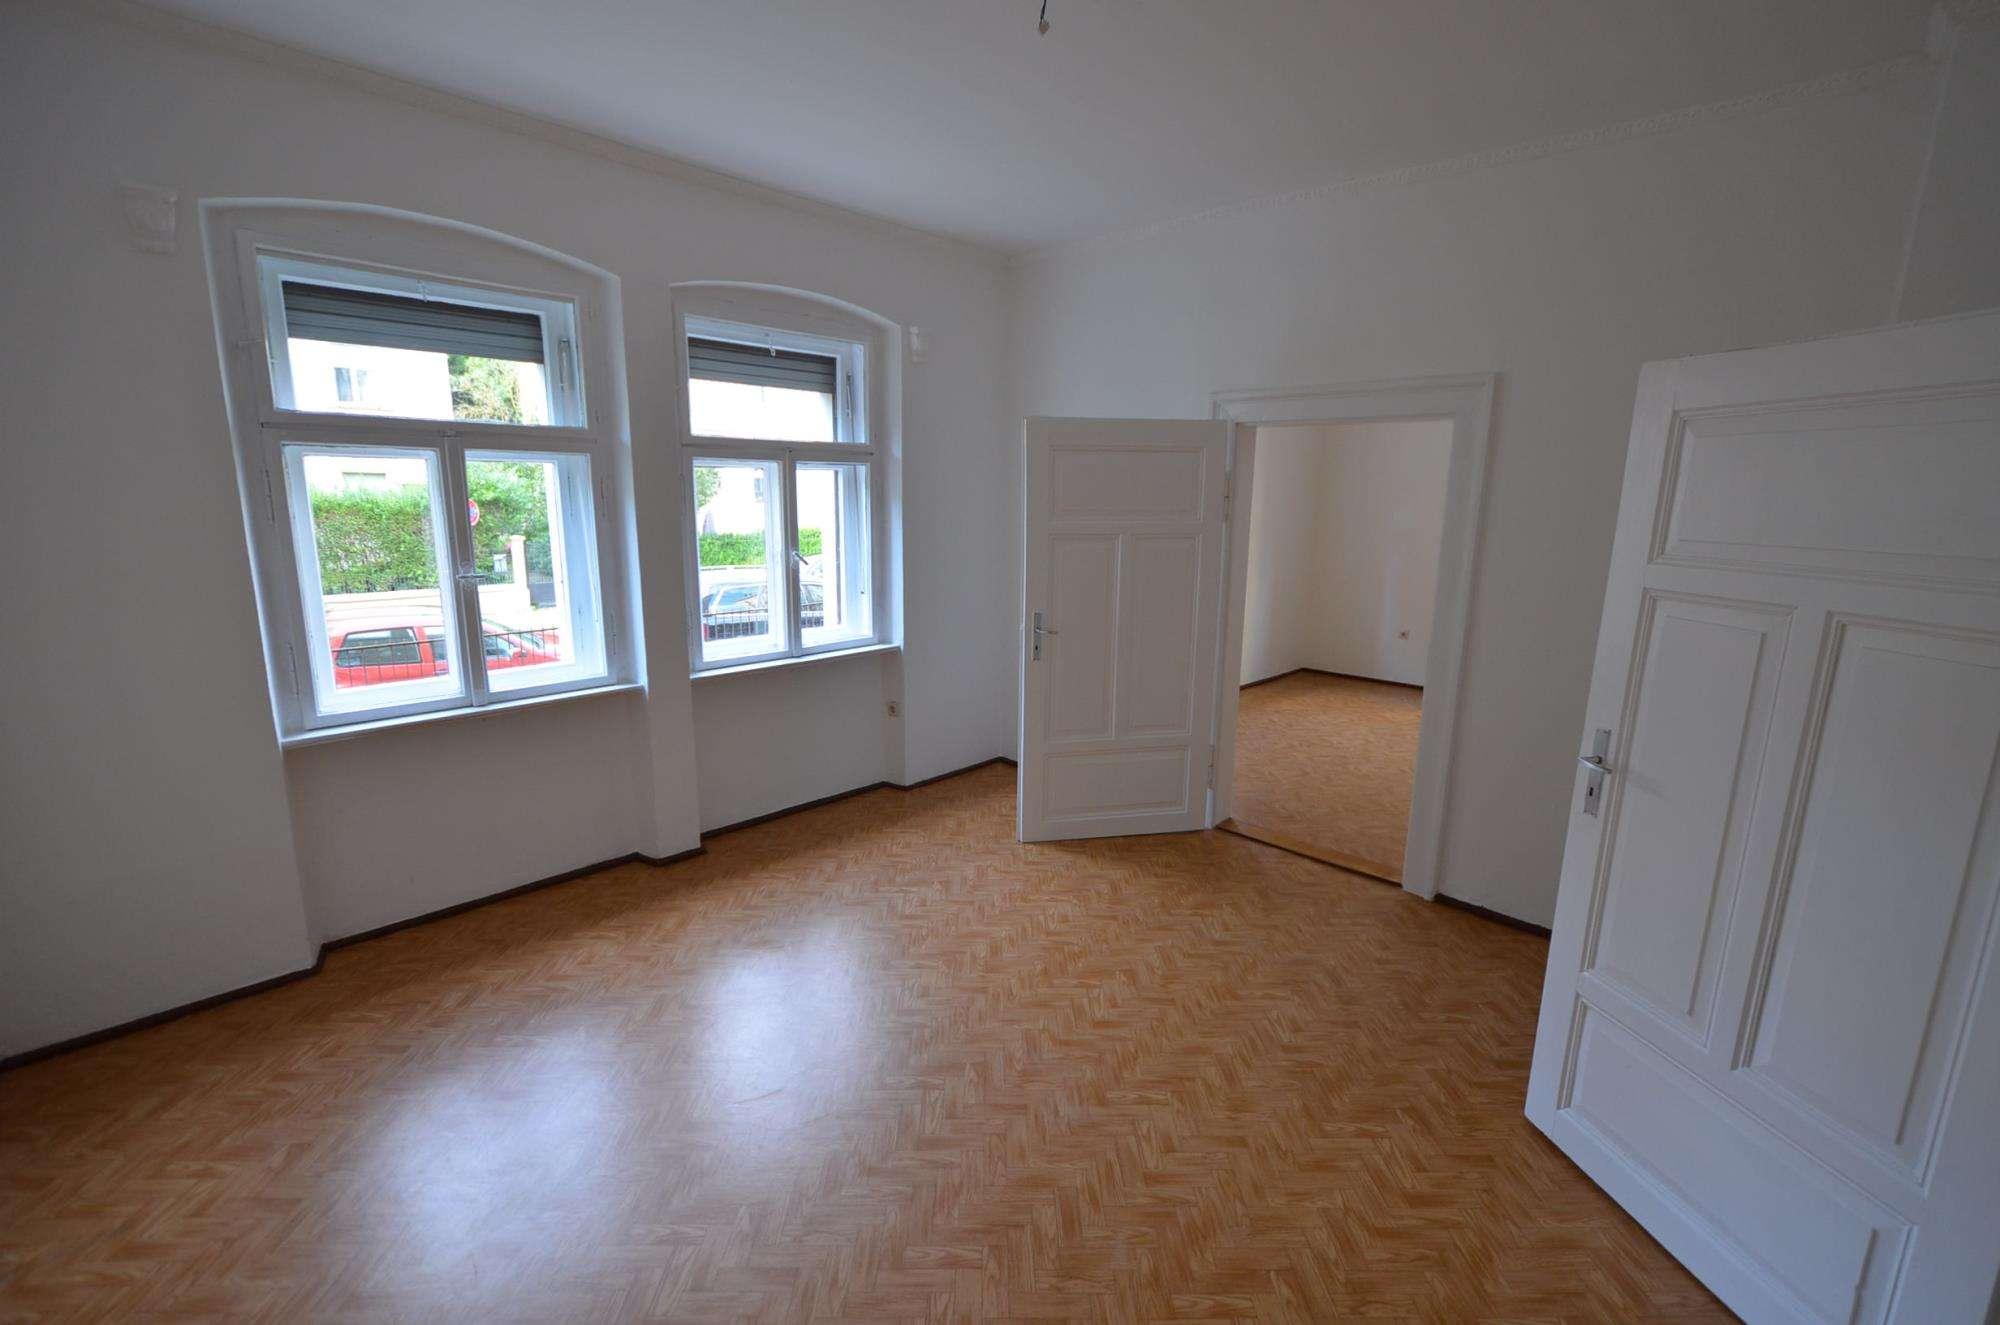 NUR Einzelperson ab 30 Jahre!! Helle charmante 2,5-Zi.-Jugendstilwhg. mit Wohnküche in Rgbg/inn.O... in Ostenviertel (Regensburg)